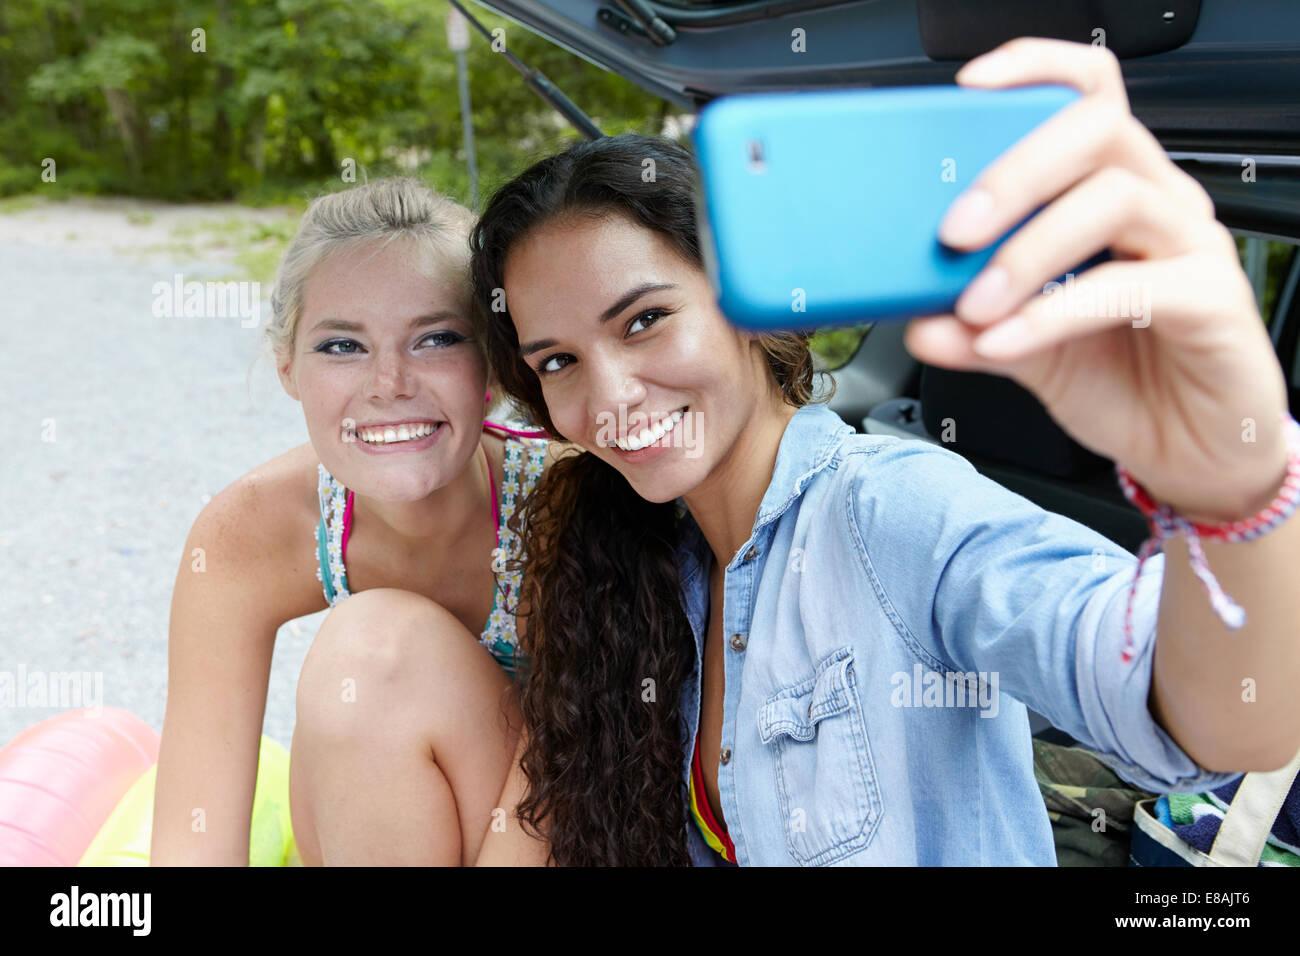 Excursionistas sentado en la parte trasera del coche teniendo selfie Imagen De Stock